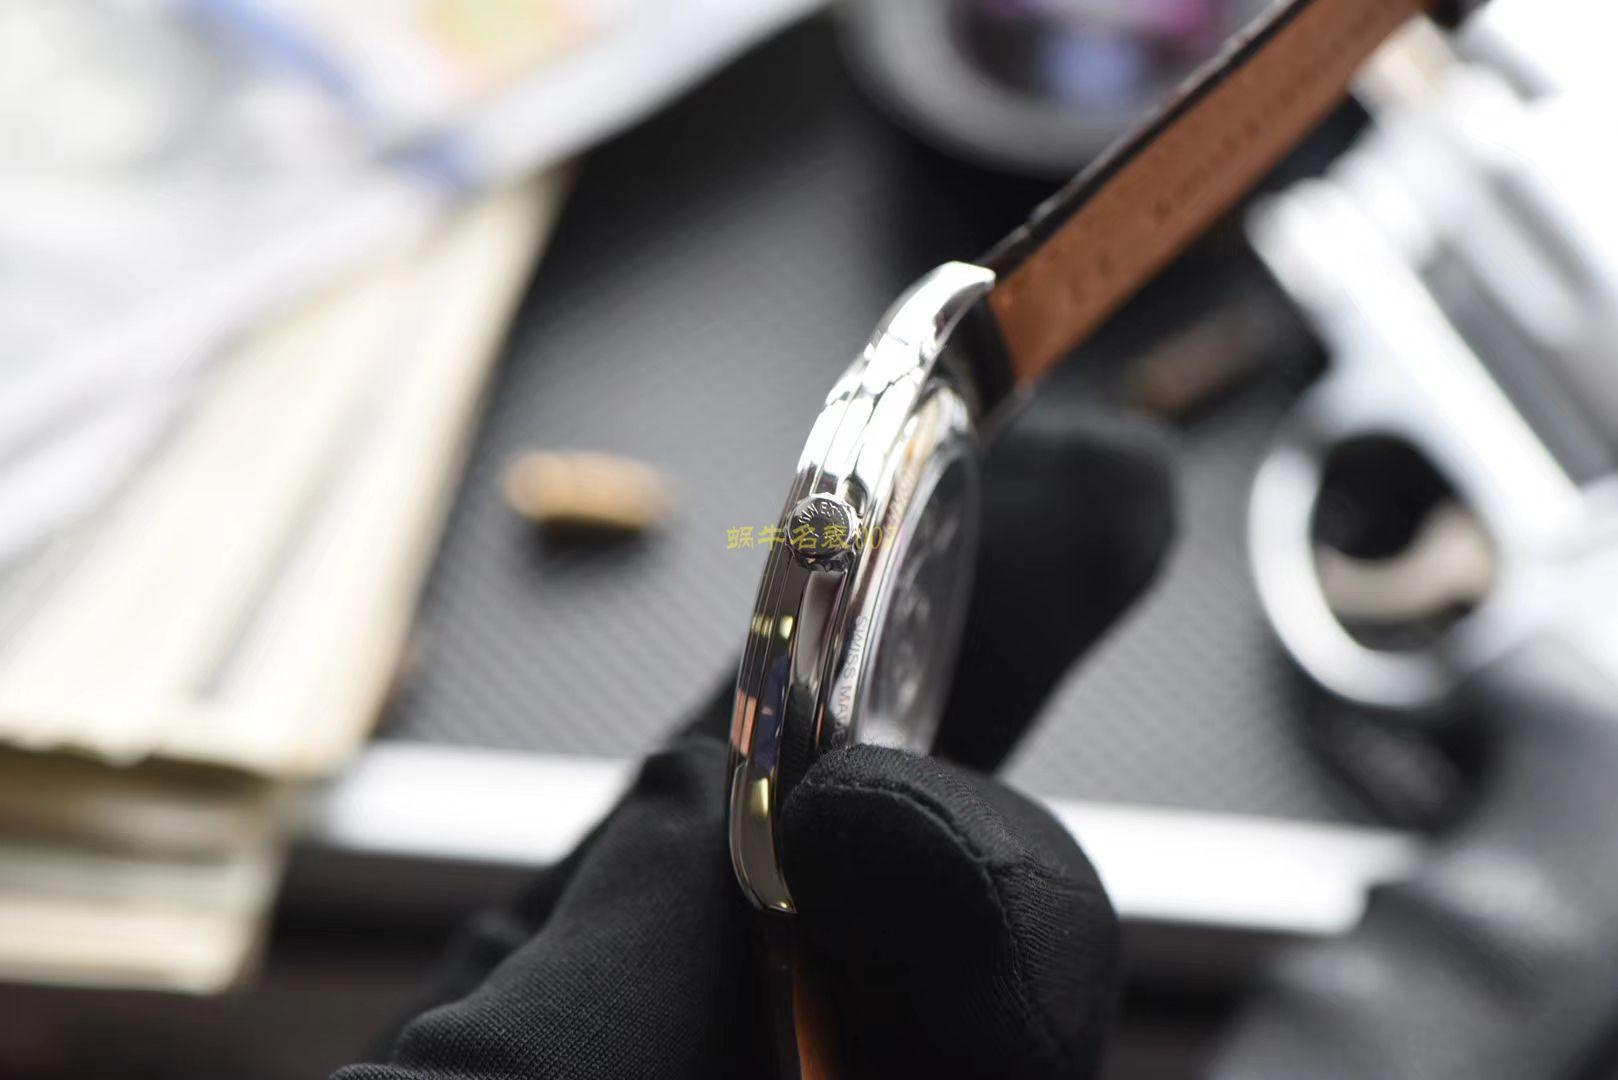 浪琴优雅军旗系列 L4.874.4.12.6,L4.874.4.96.6等男士机械腕表【浪琴军旗系列精品❗ 超薄1:1顶级高仿版本~】